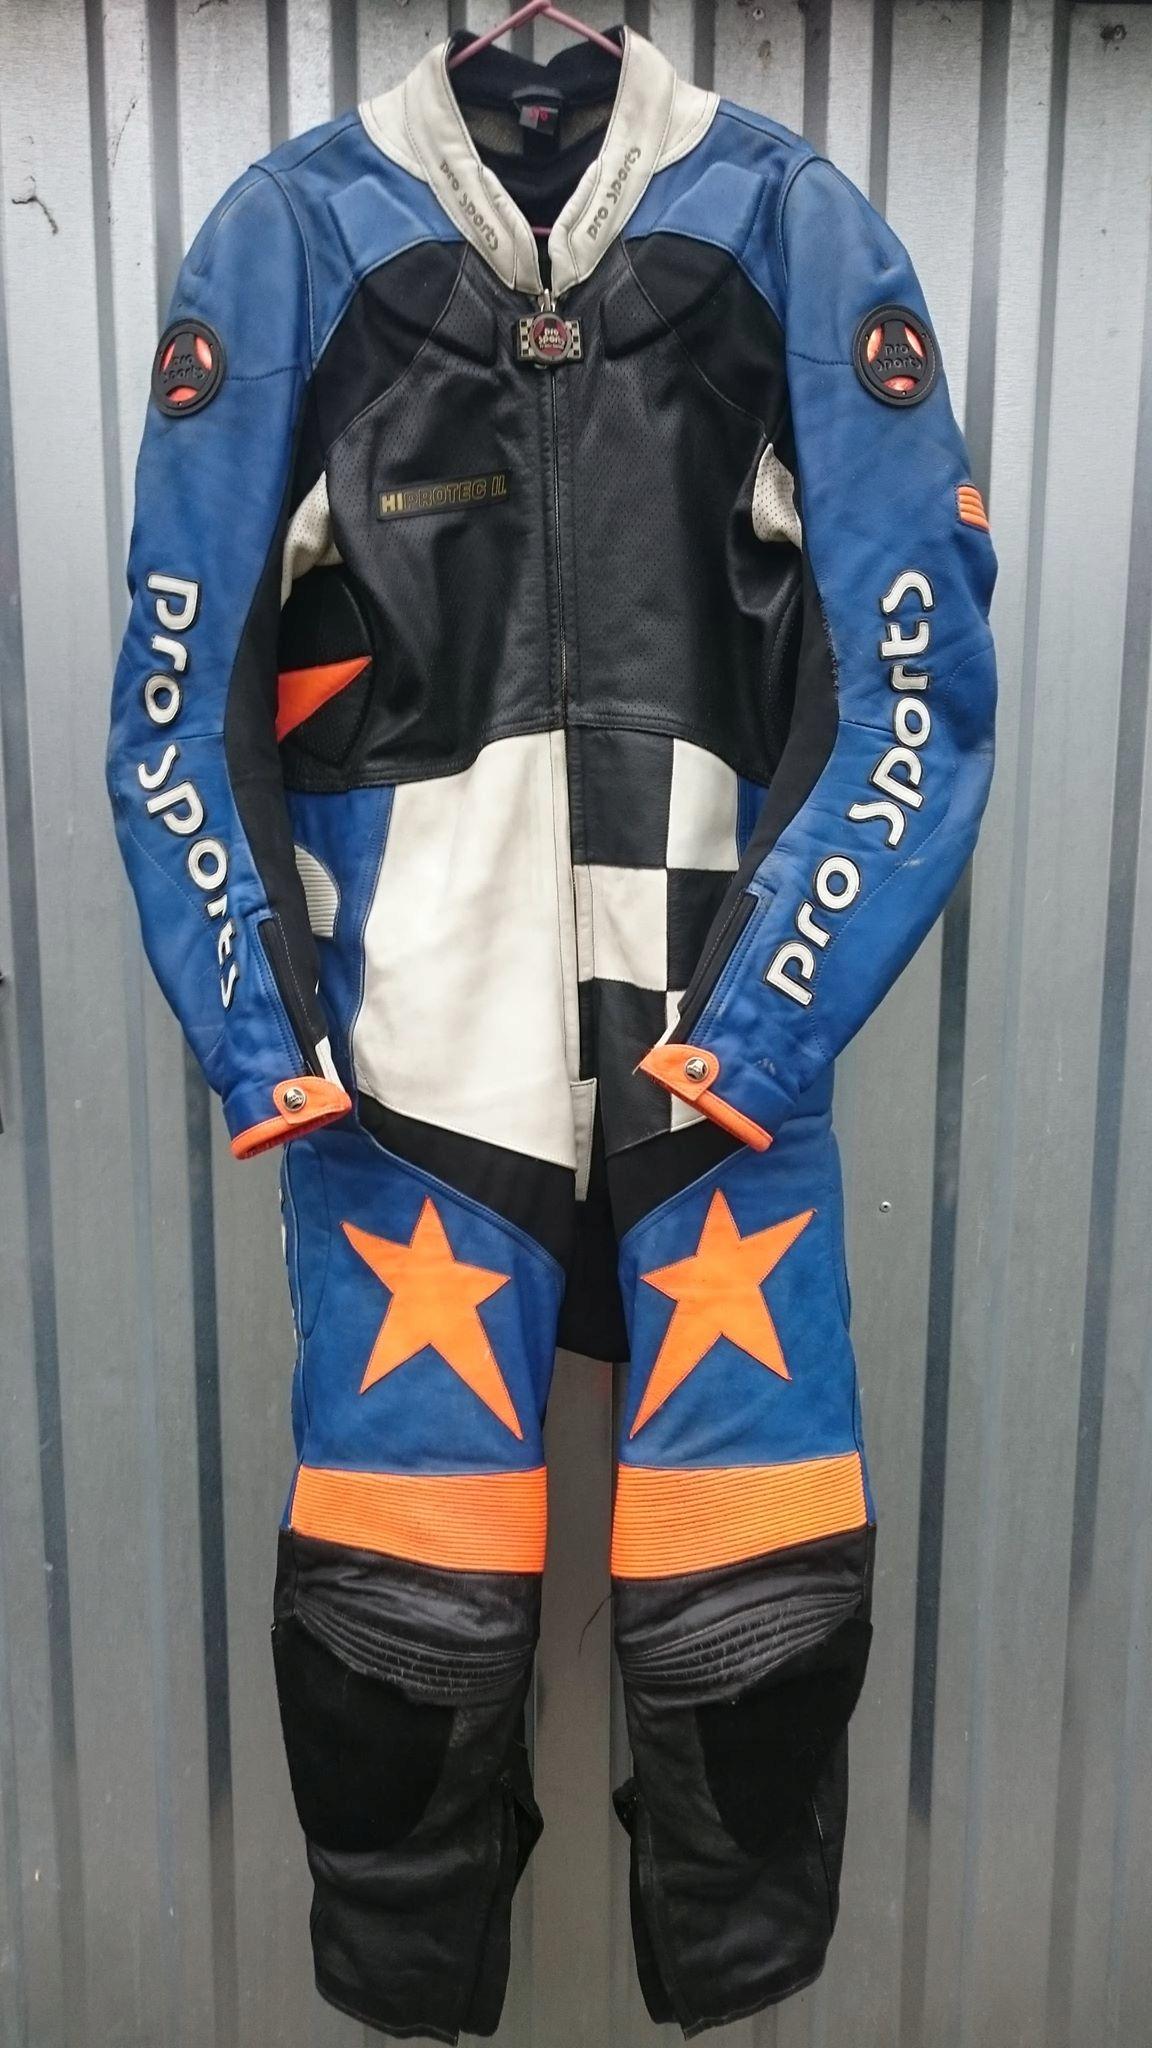 Kombinezon motocyklowy HEIN GERICKE pro sports